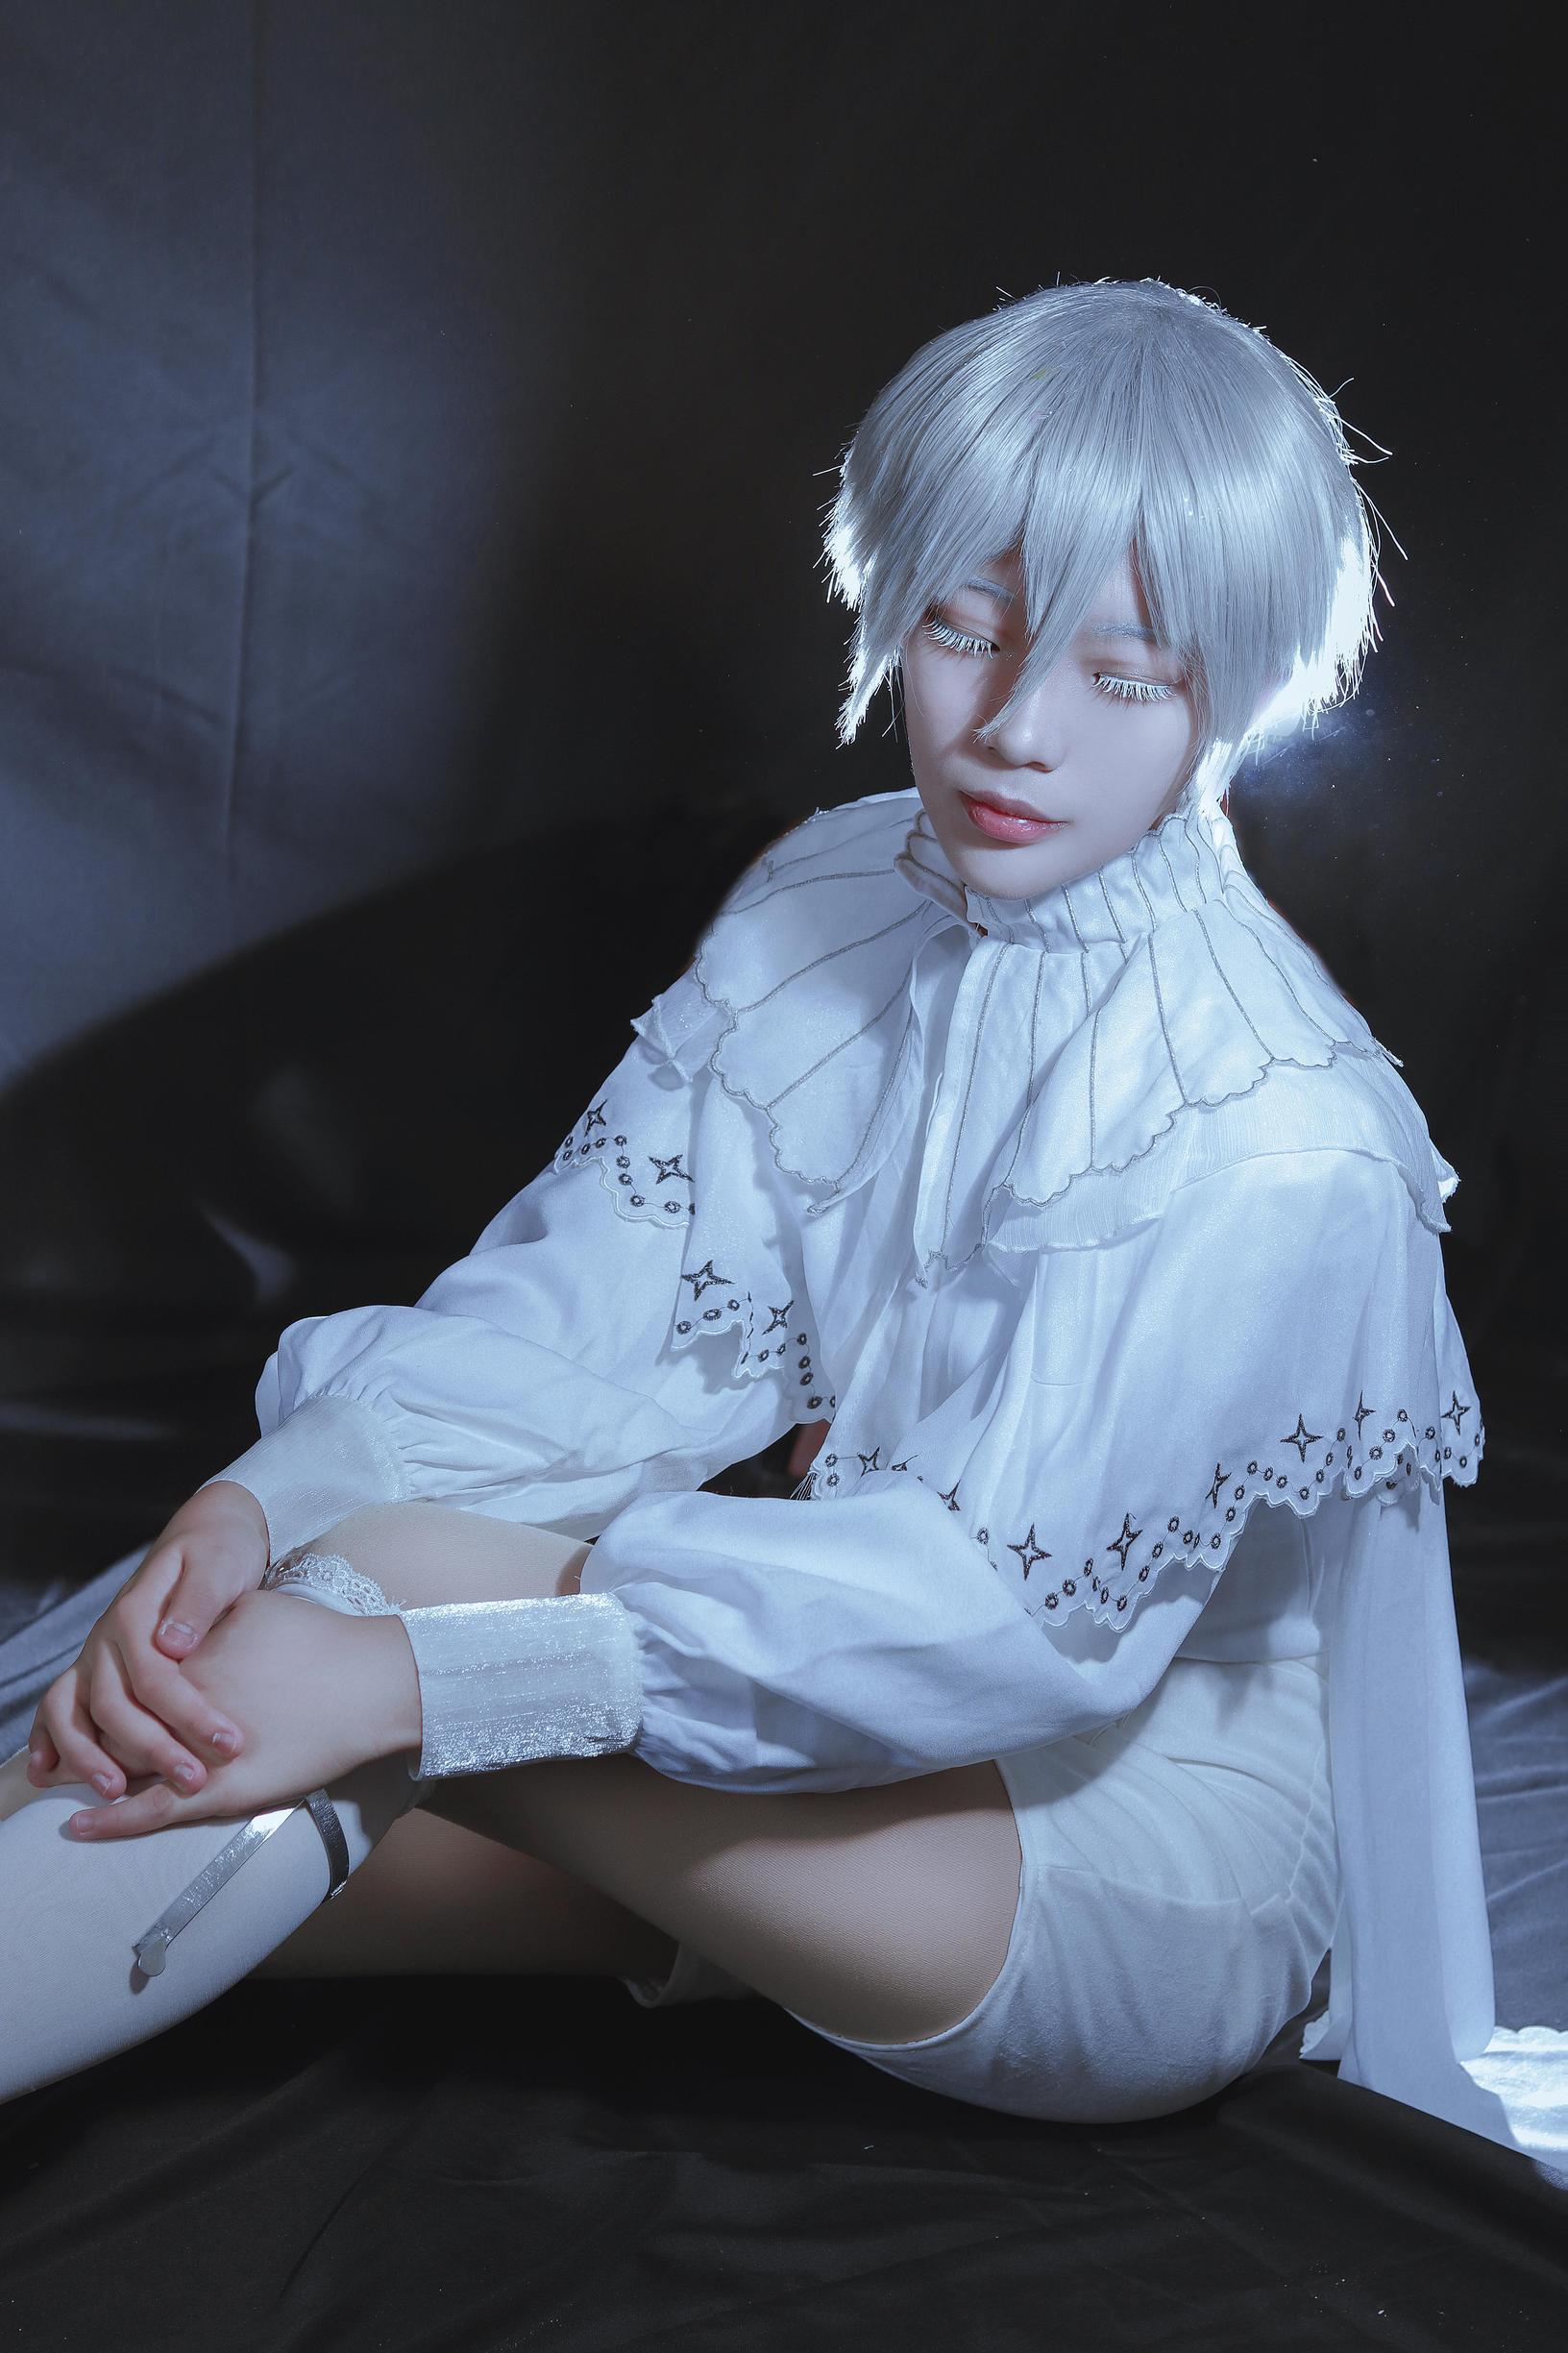 《宝石之国》南极石cosplay【CN:白鬼大魔王】 -cosplay的女装图片插图